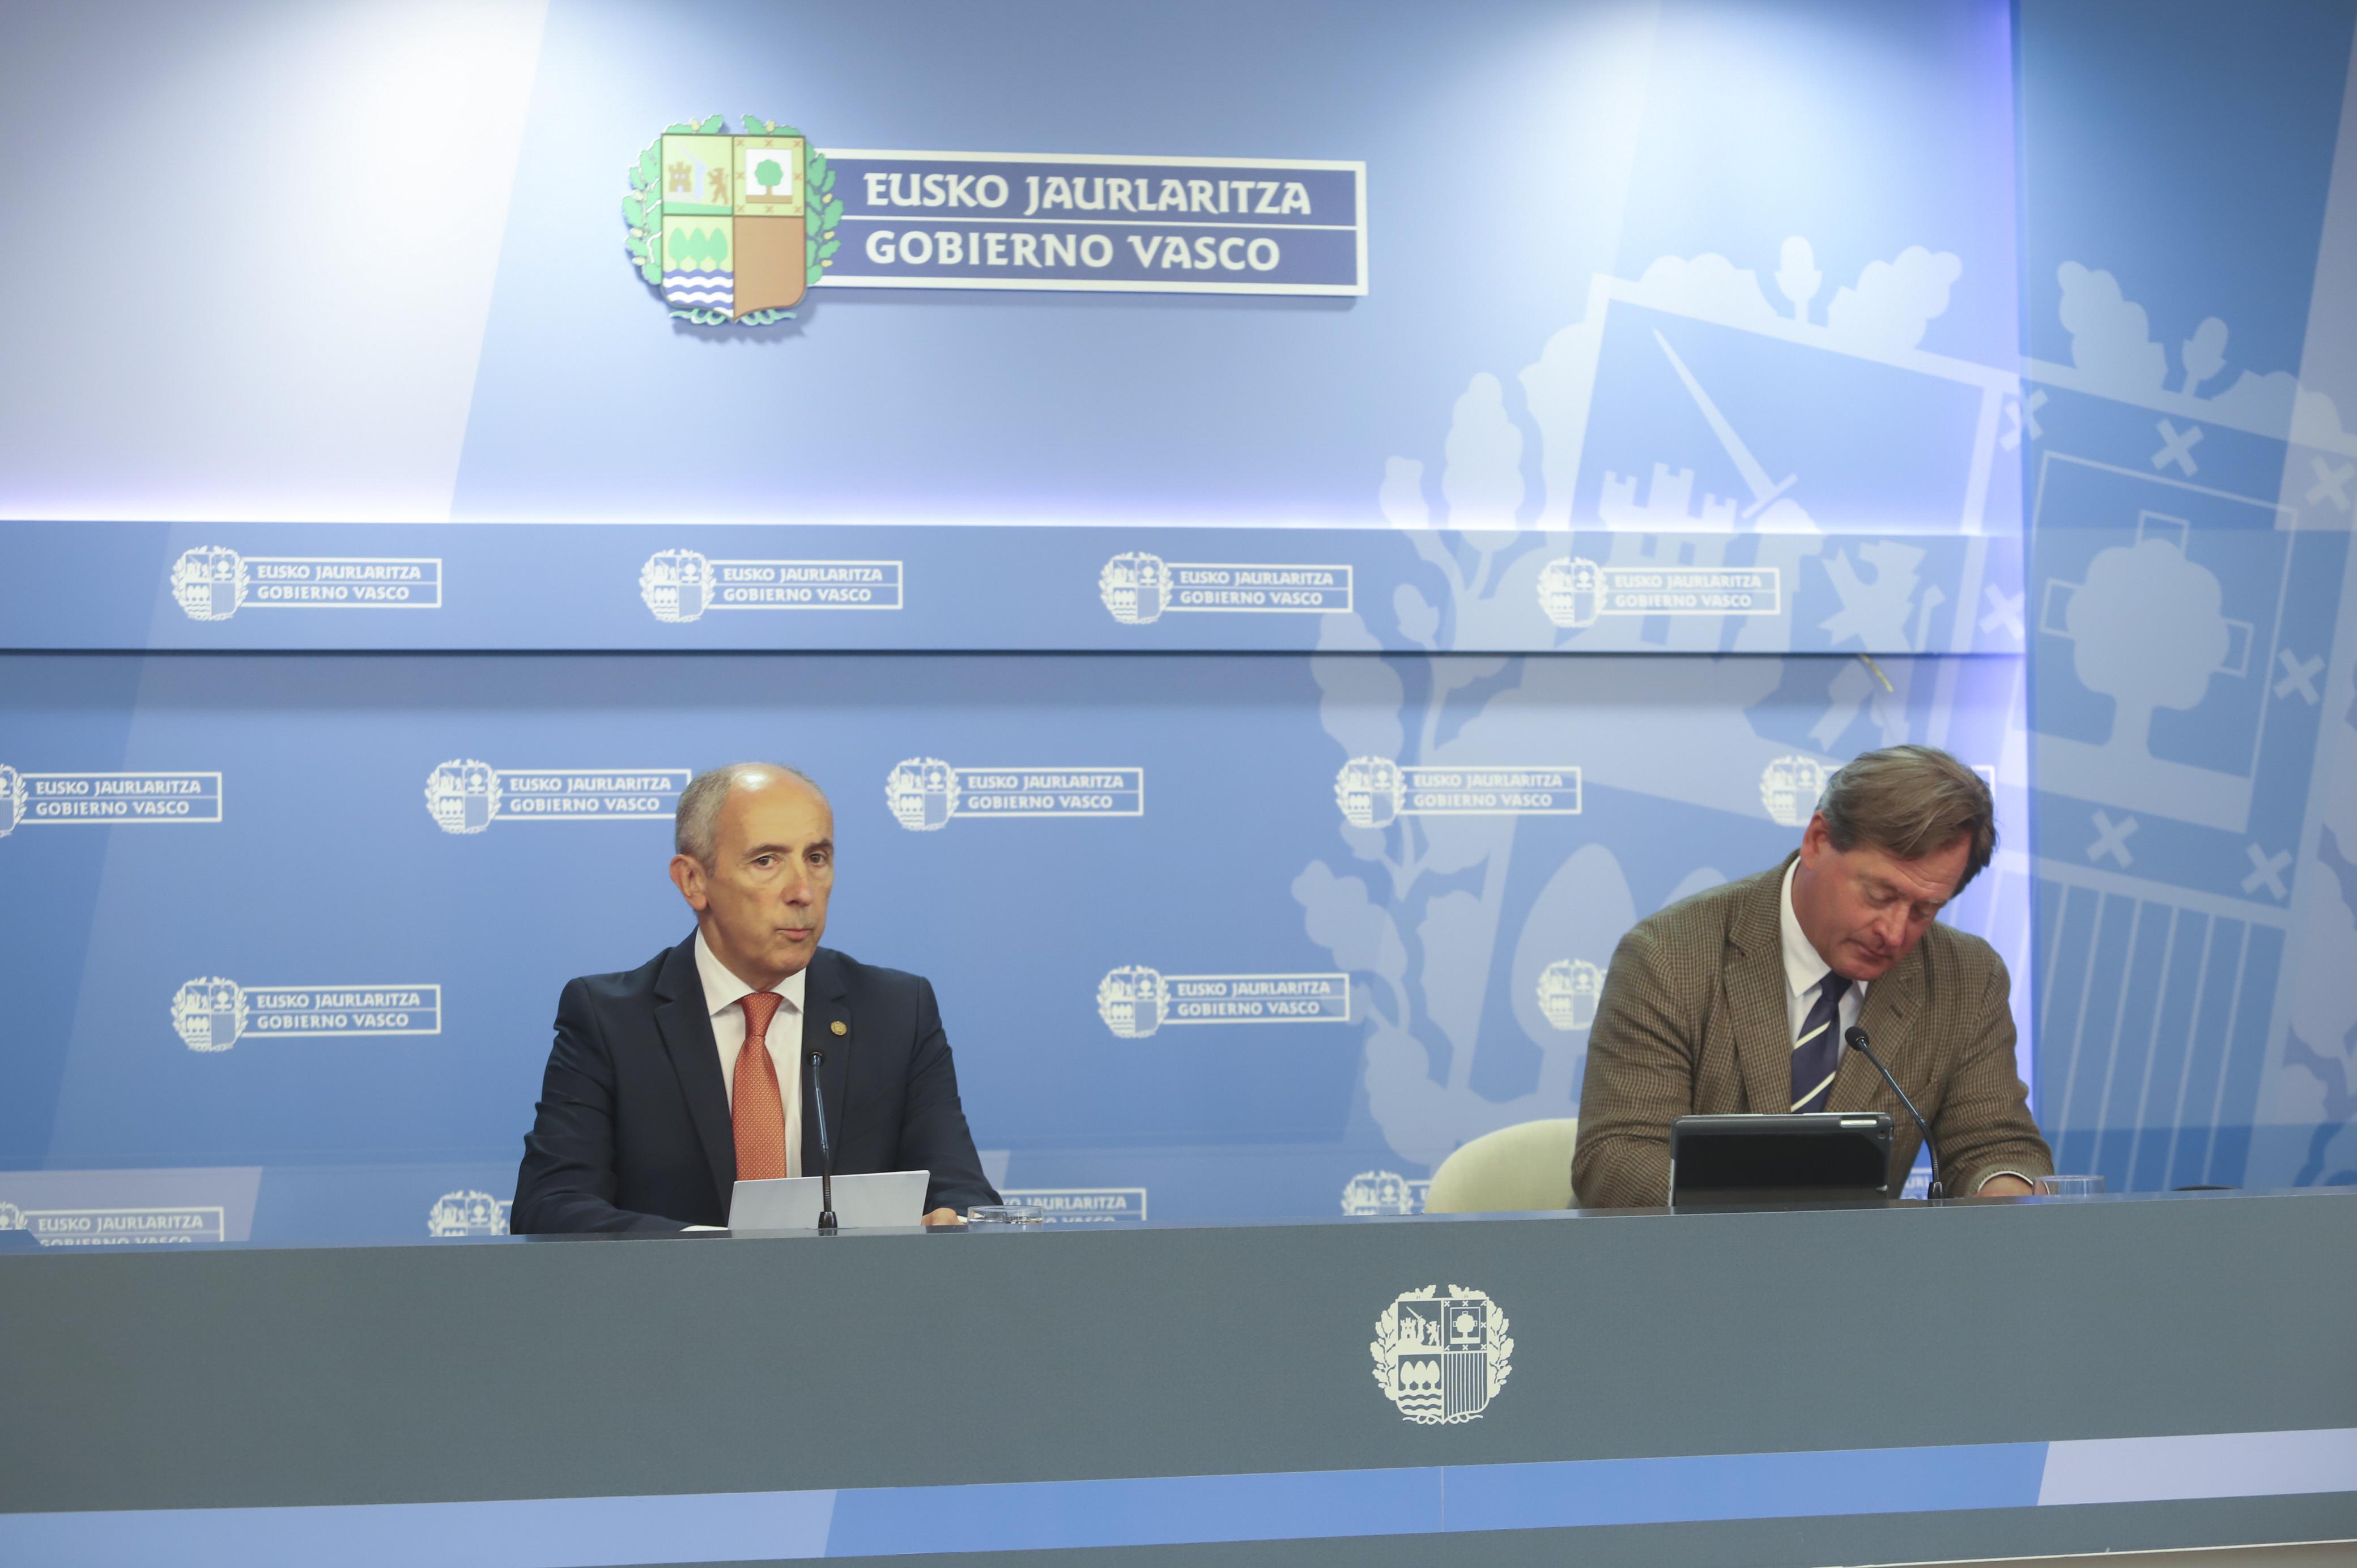 Eusko Jaurlaritzak ospatu egin du Nafarroan gobernagarritasun akordioa izatea